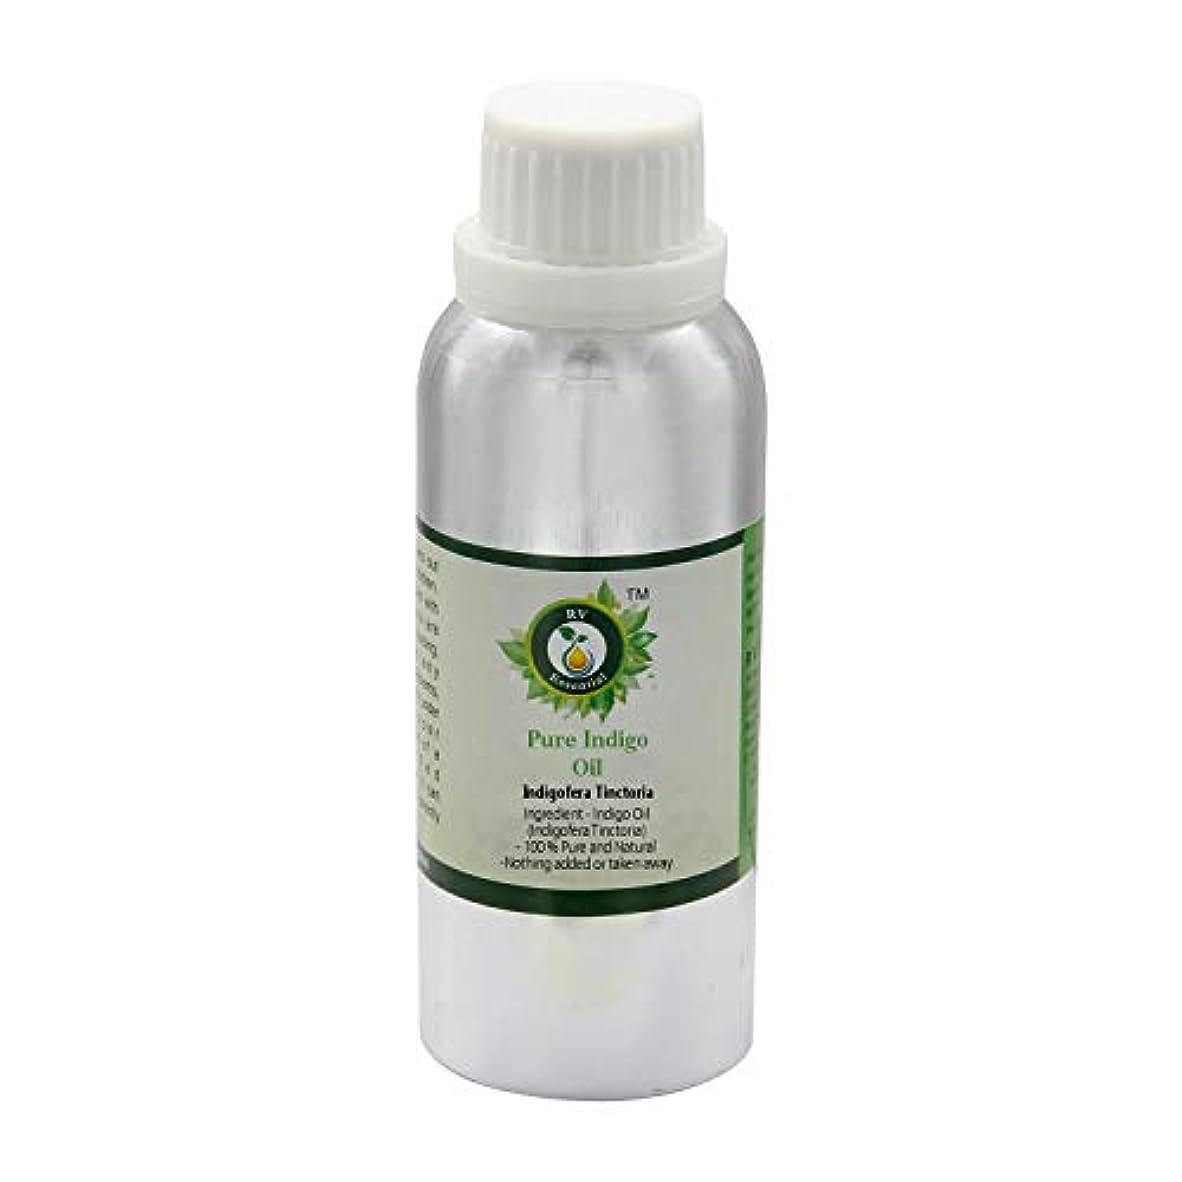 企業タイピスト振幅ピュアインディゴオイル630ml (21oz)- Indigofera Tinctoria (100%純粋でナチュラル) Pure Indigo Oil